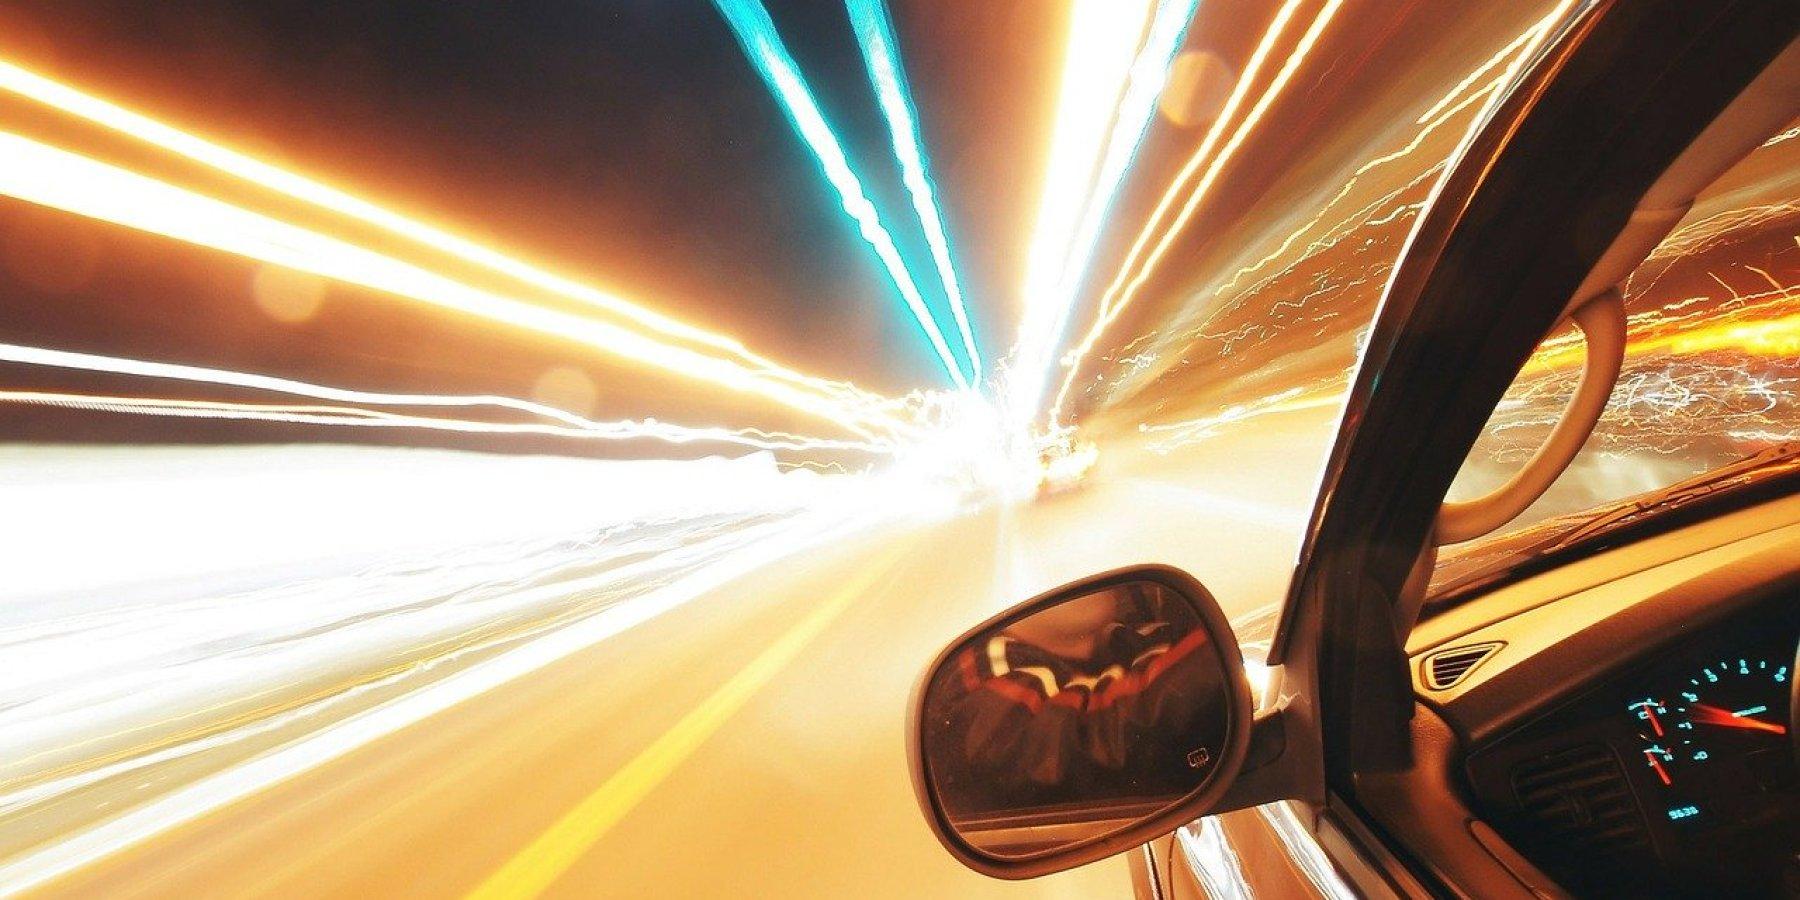 Beleuchtung verändert und unter Drogeneinfluss und ohne Führerschein unterwegs